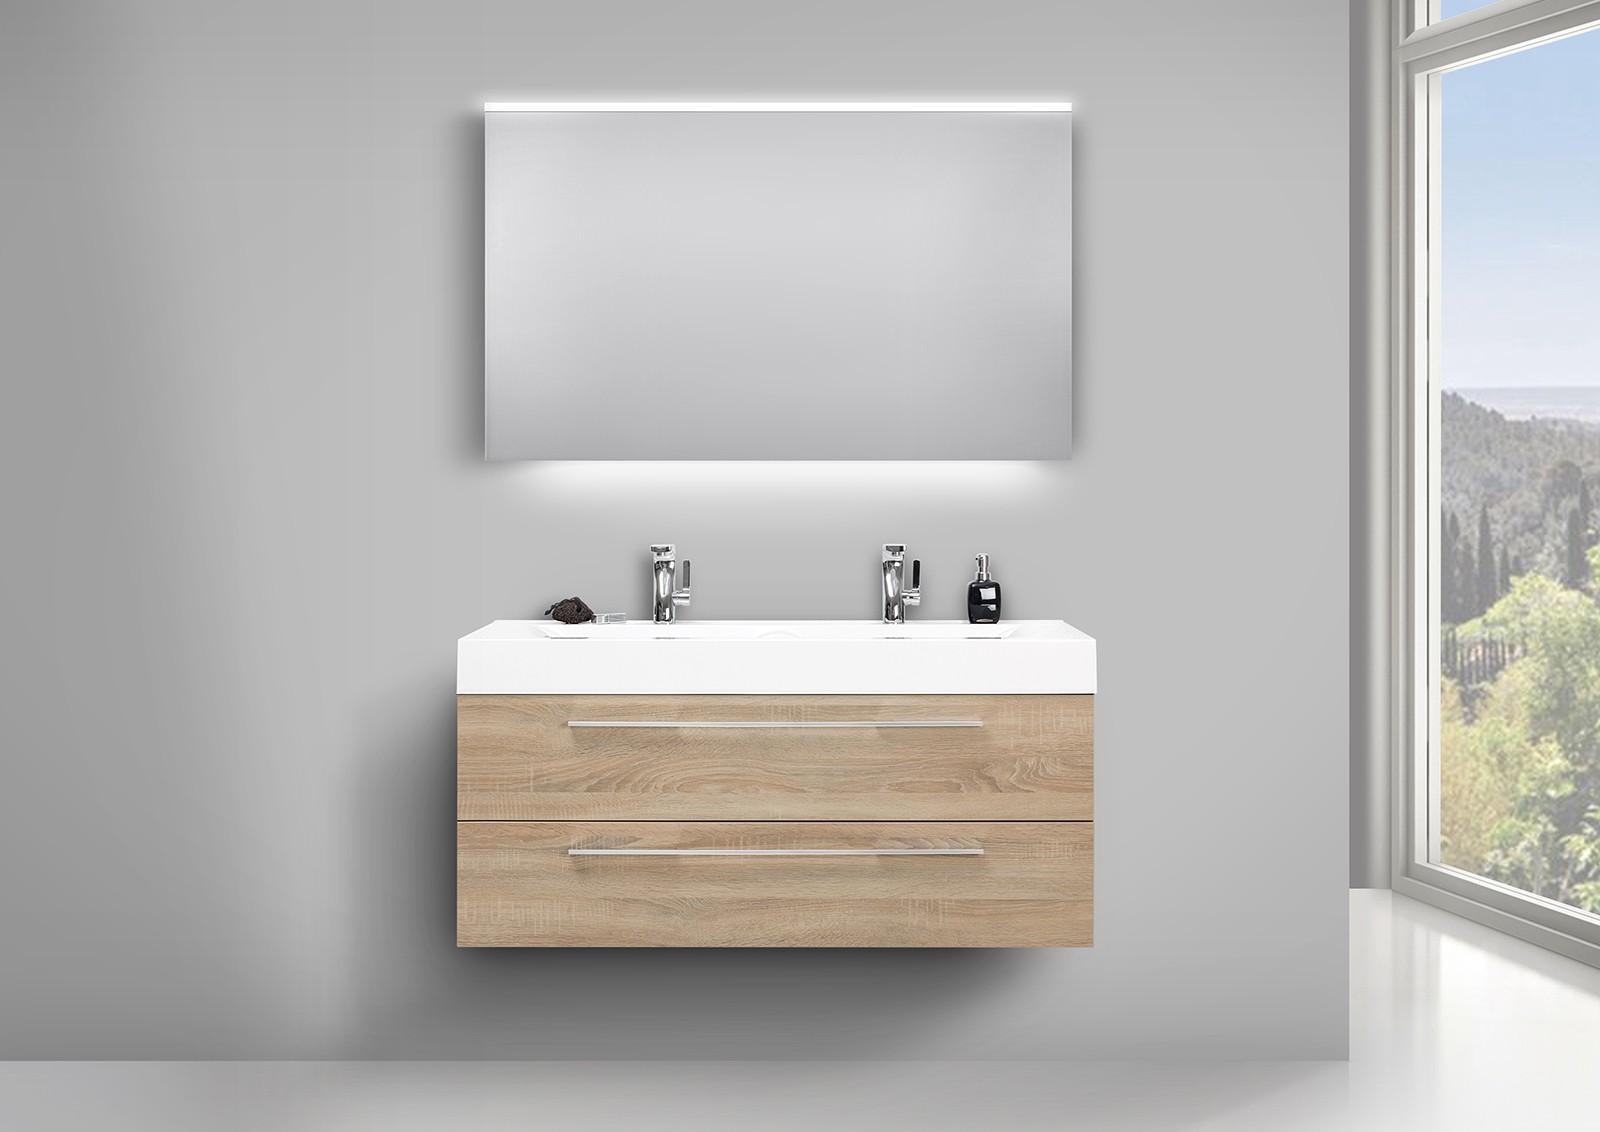 doppelwaschbecken mit unterschrank. Black Bedroom Furniture Sets. Home Design Ideas